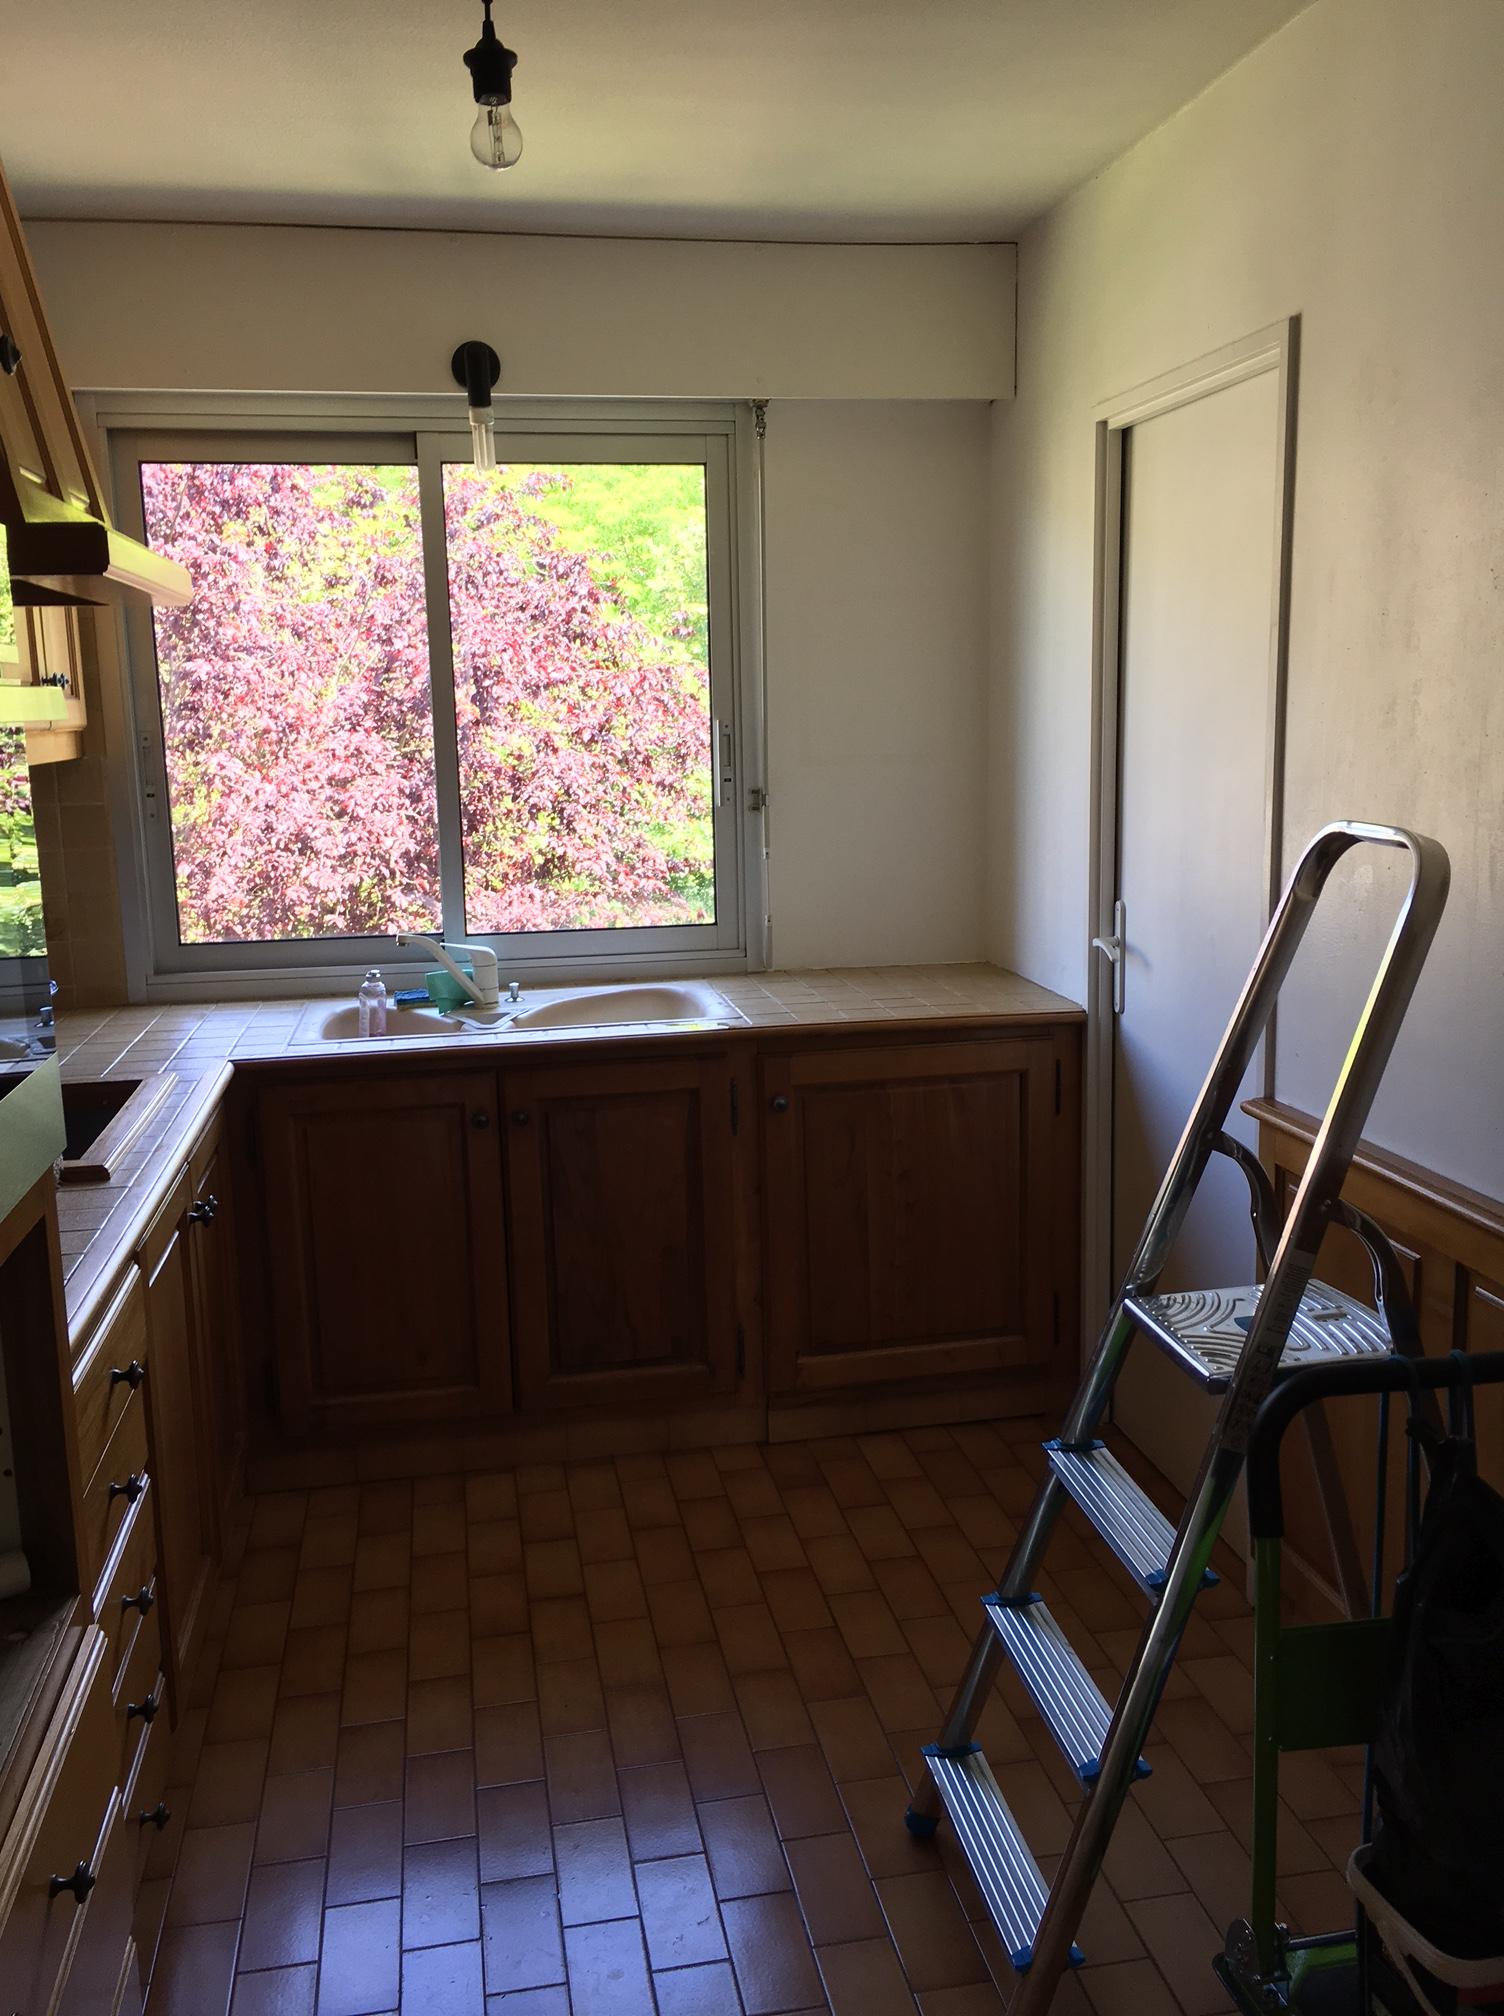 lessivage des murs gallery of lessivage mur eau de javel creation dun forum d decor action s. Black Bedroom Furniture Sets. Home Design Ideas